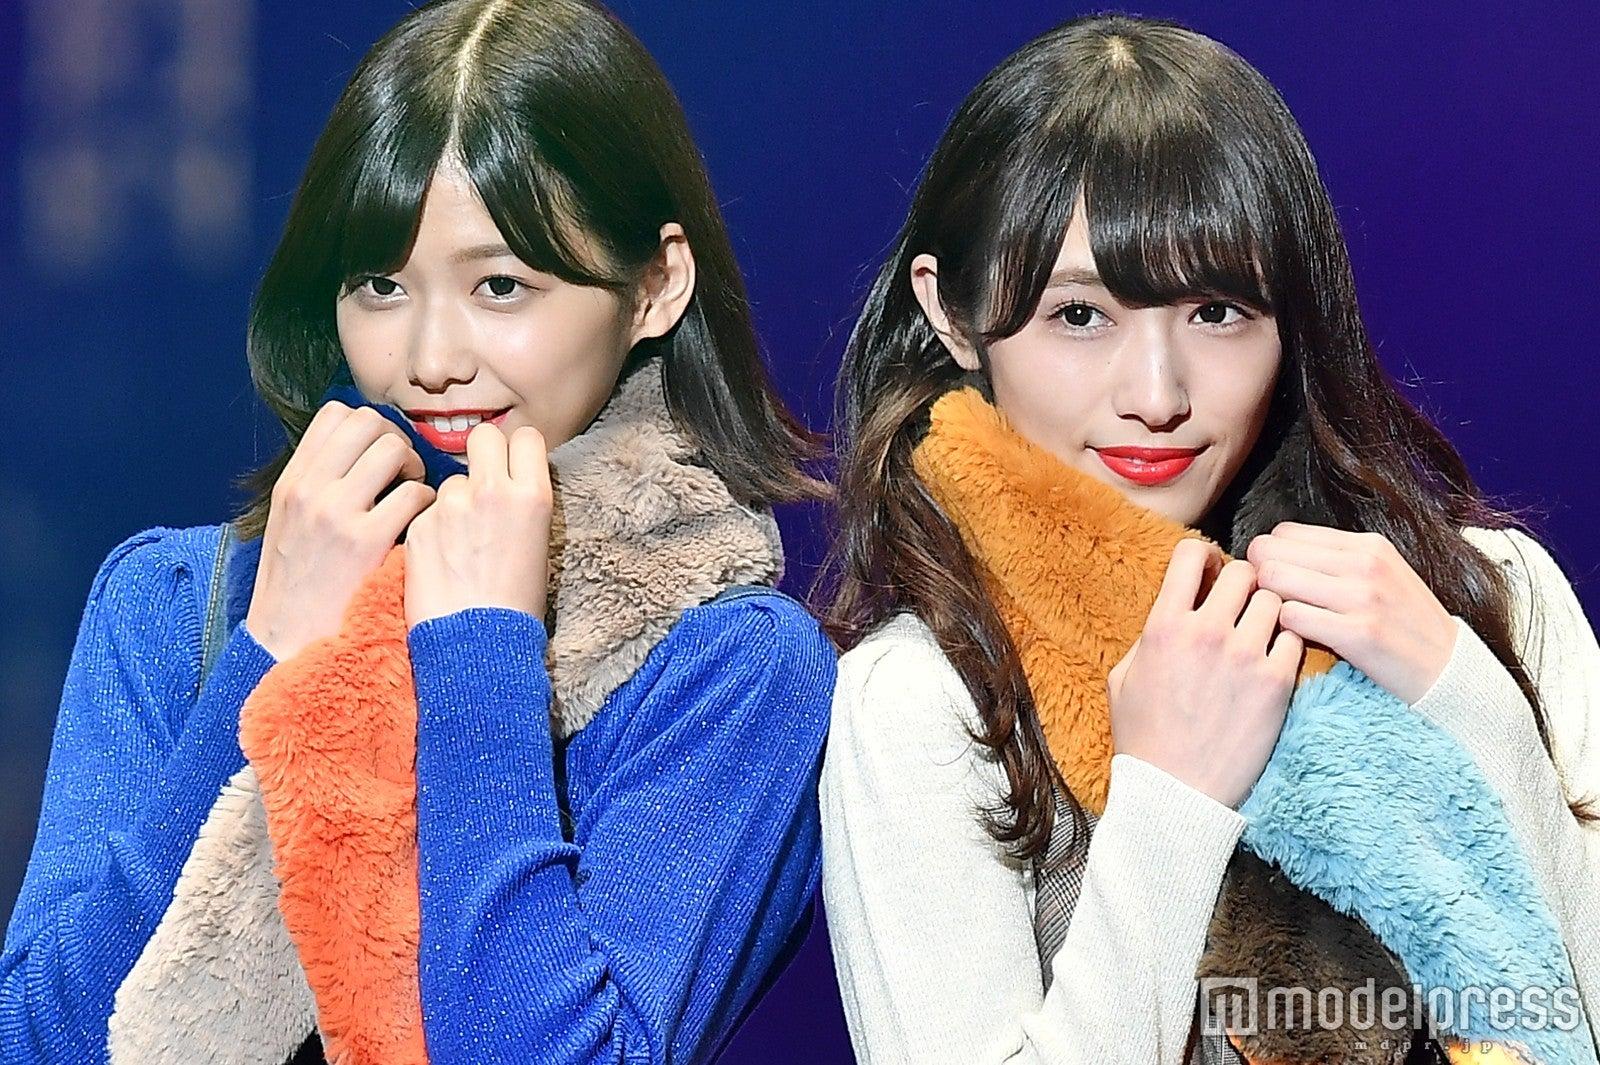 「第25回 東京ガールズコレクション2017 AUTUMN/WINTER」に出演した渡邉